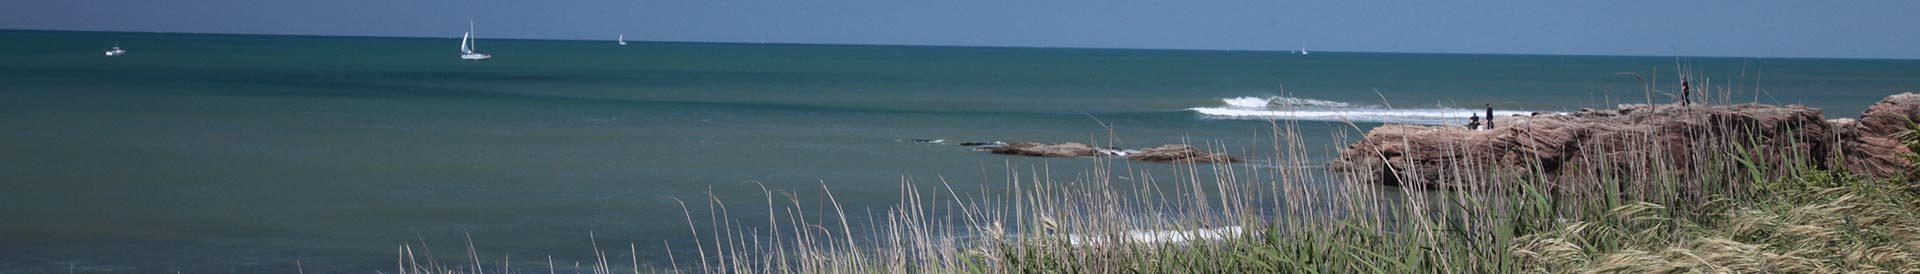 bretignolles sur mer